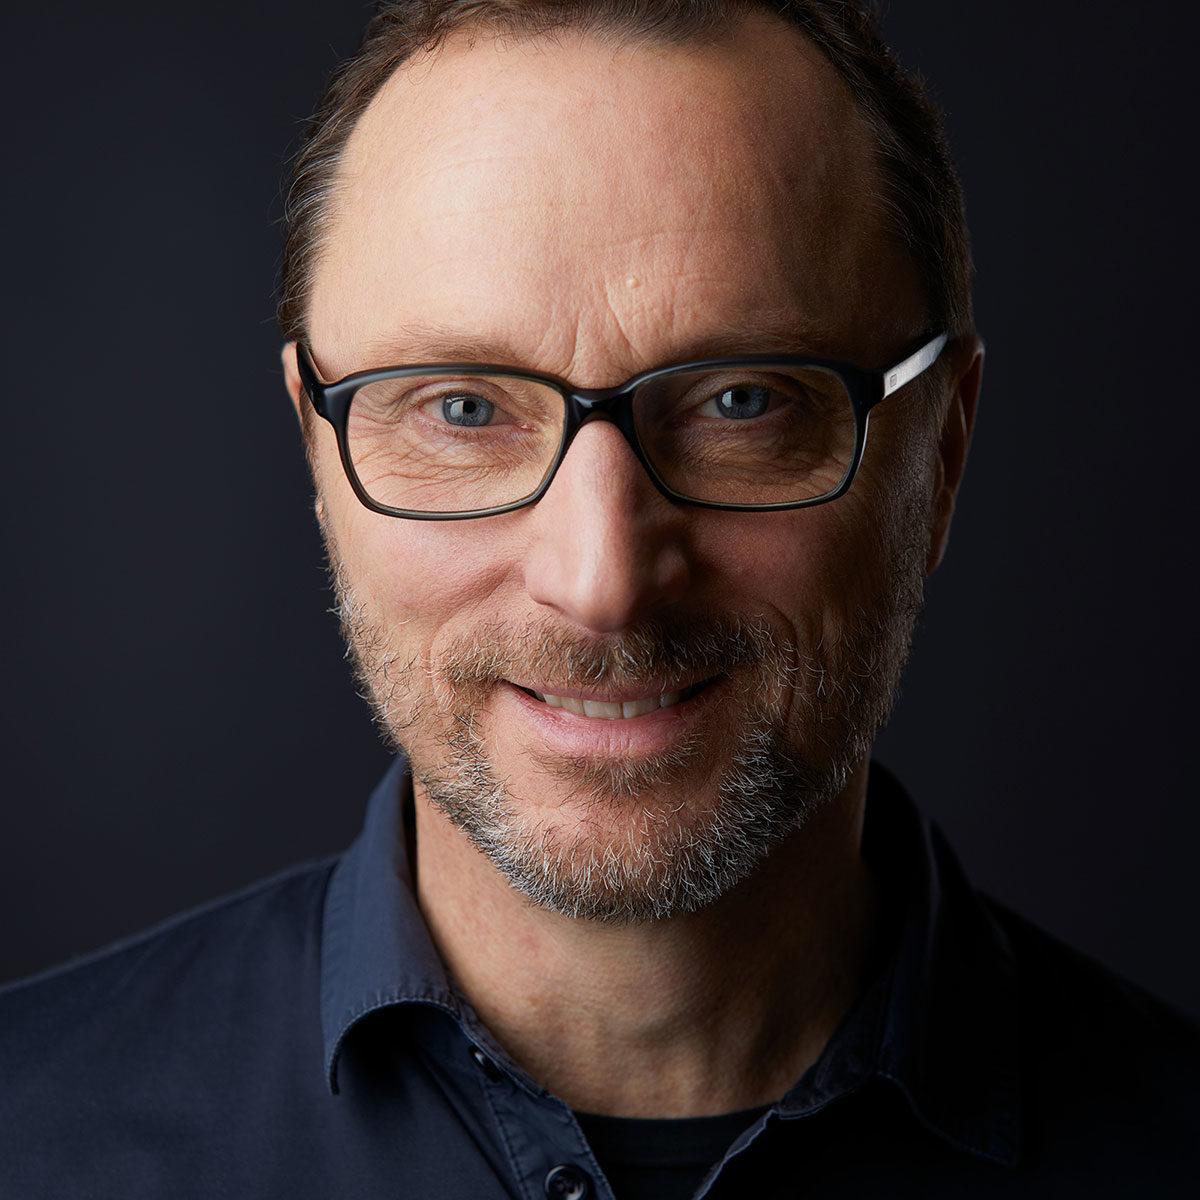 Thomas Abendroth